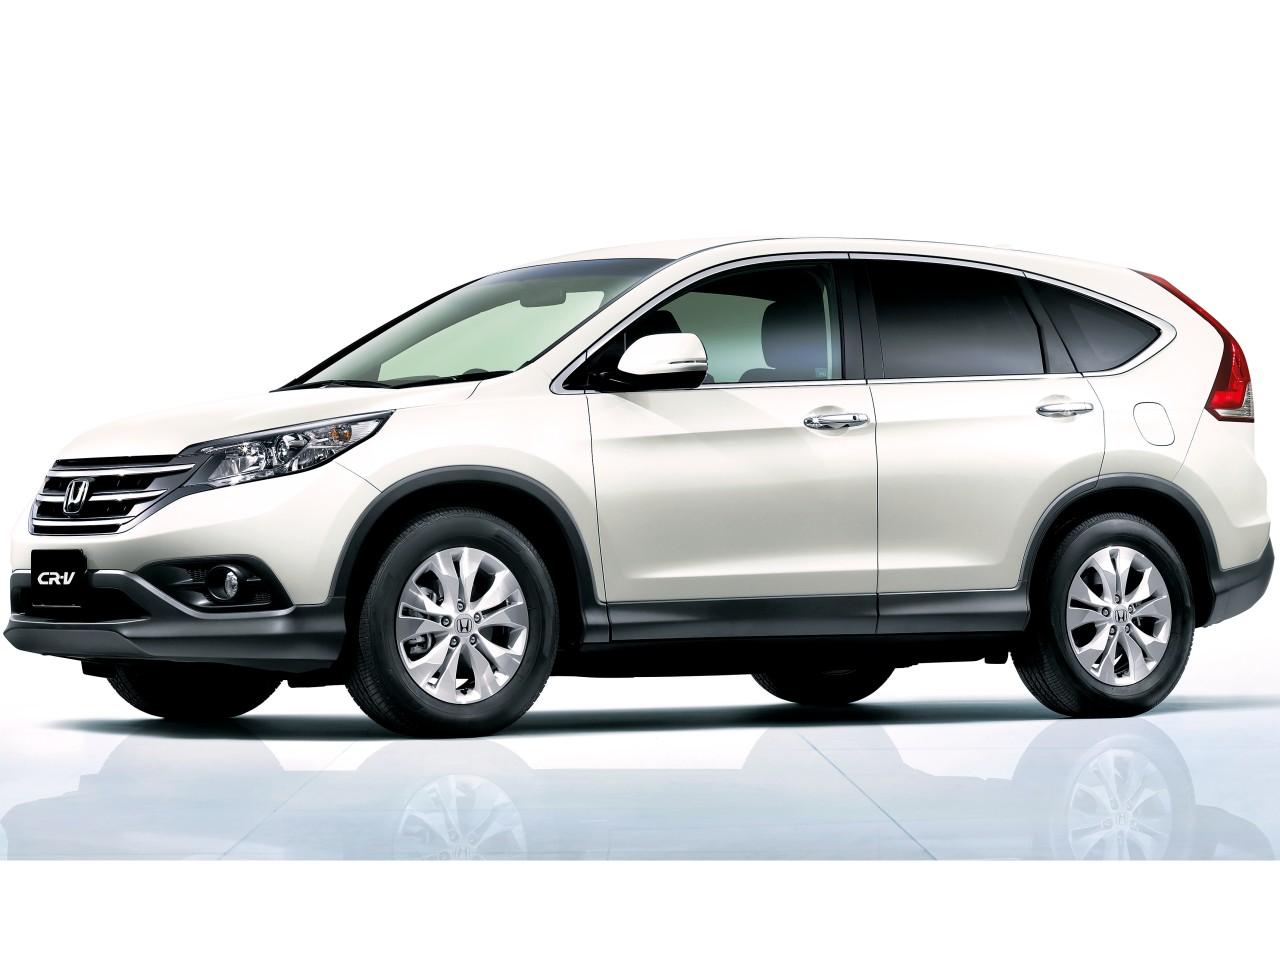 ホンダ CR-V 2011年モデル 新車画像